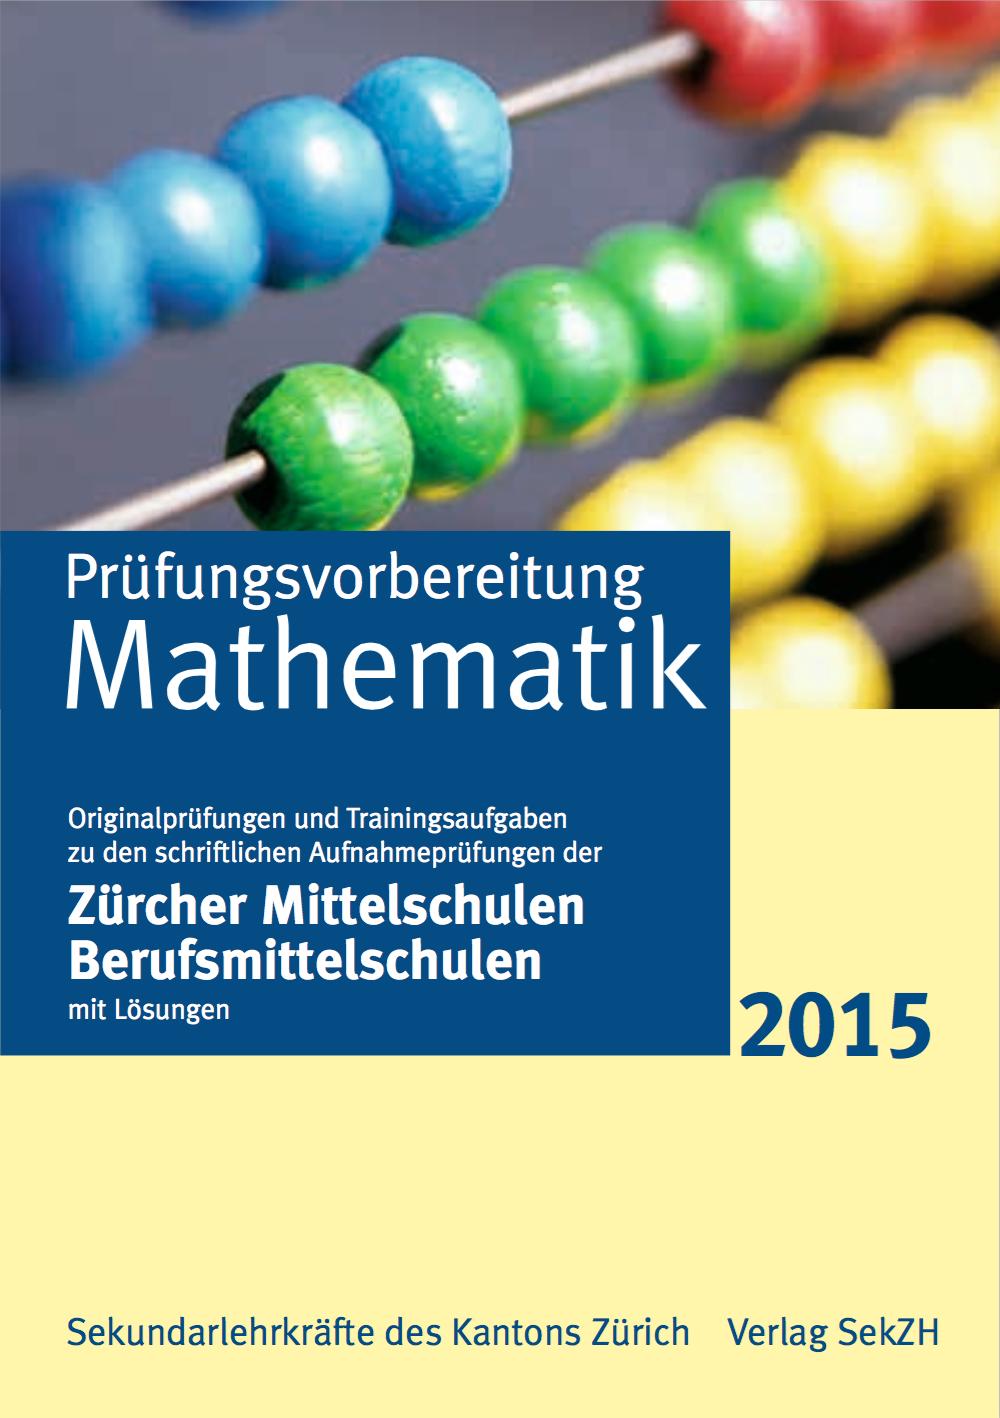 P302 - Prüfungsvorbereitung Mathematik 2015